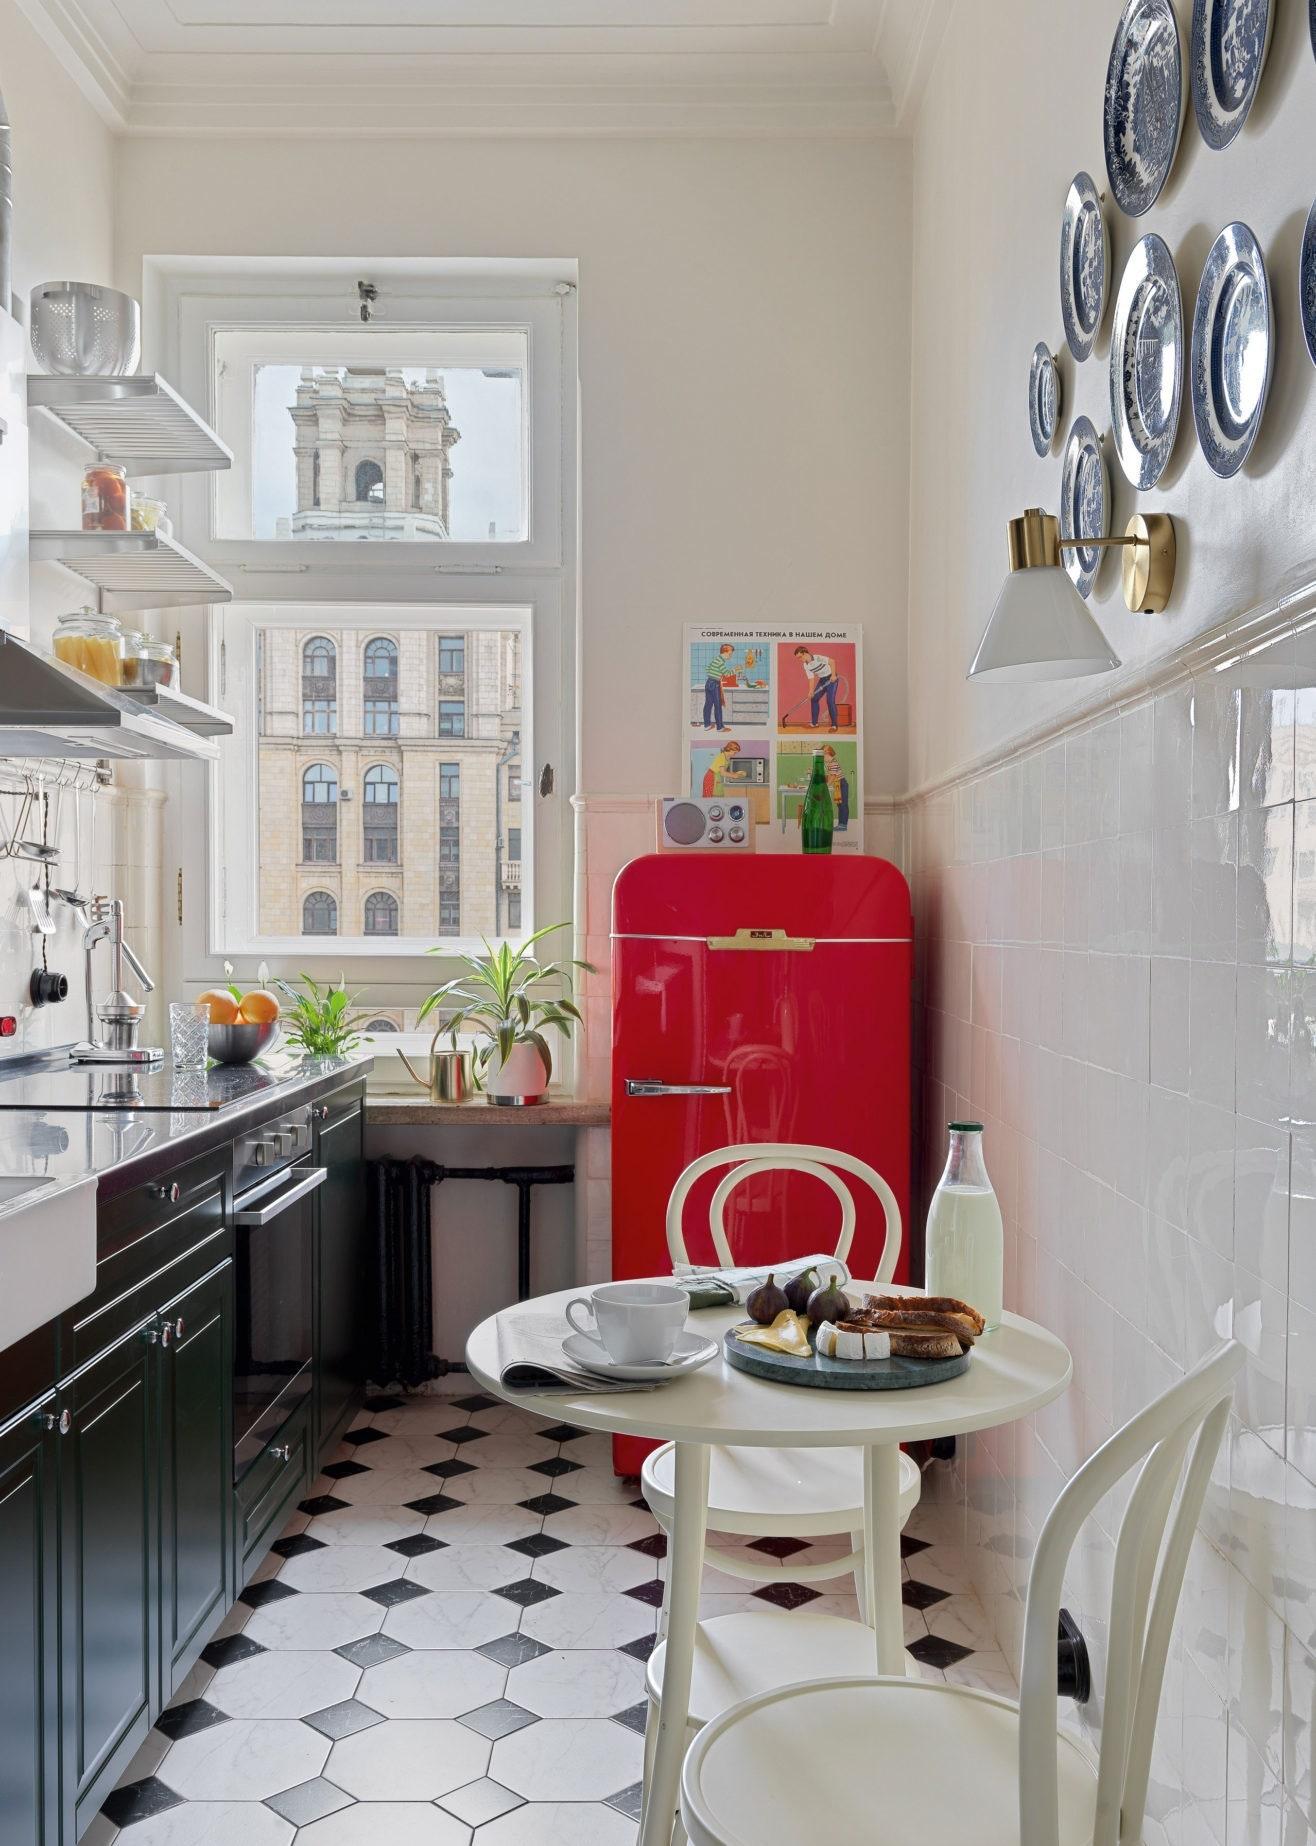 . .      IKEA  Studia 15    Ferrari    RetZil                Kerama Marazzi    Khaki Mists 6 Dulux        Mr. Stolyar.